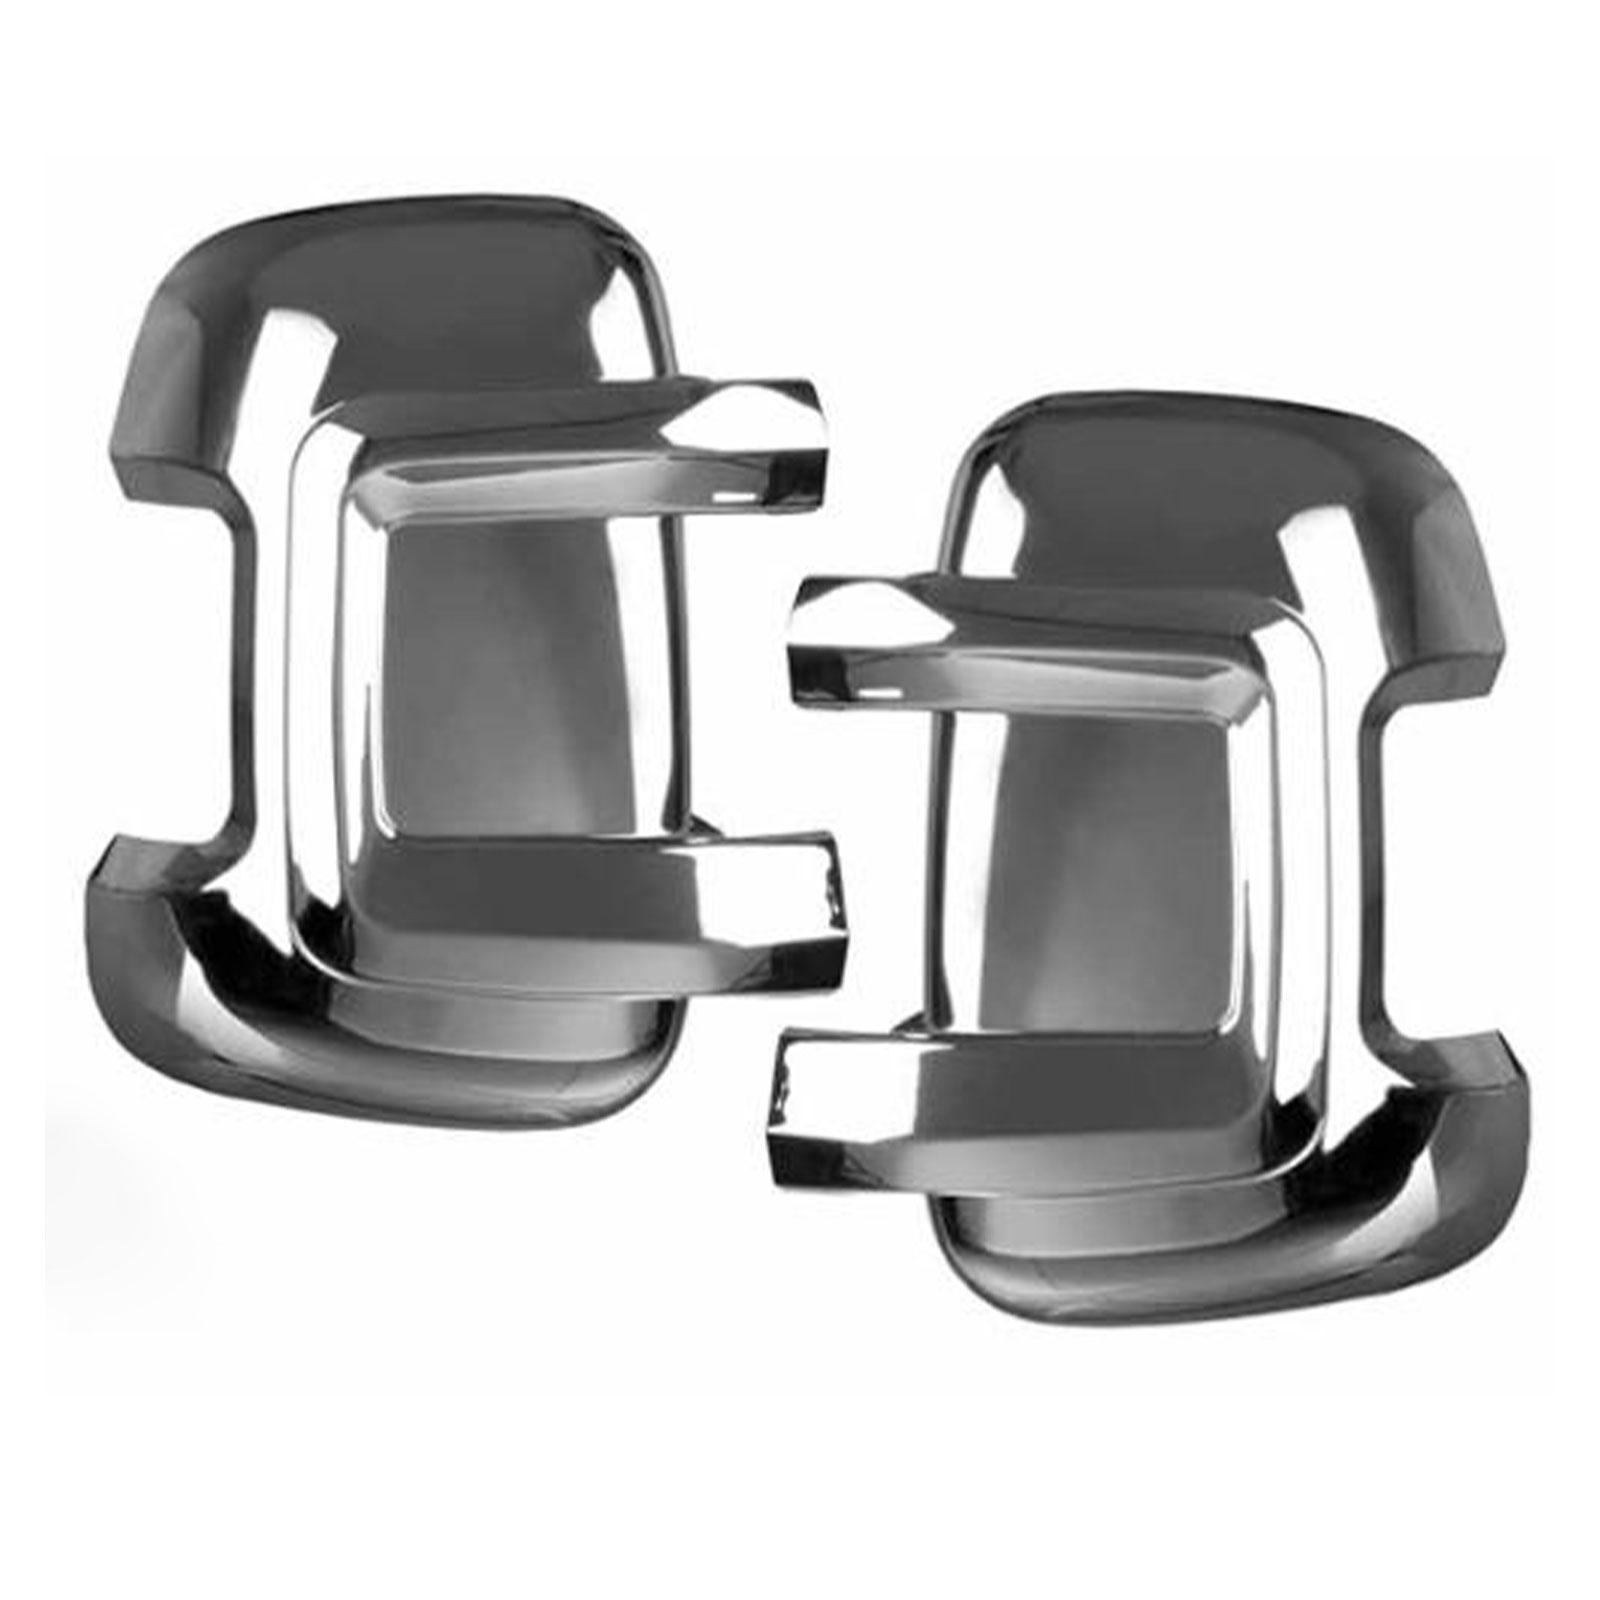 Carbest Spiegelprotektoren-Set chrom/lange Version - Fiat Ducato, Citroen Jumper